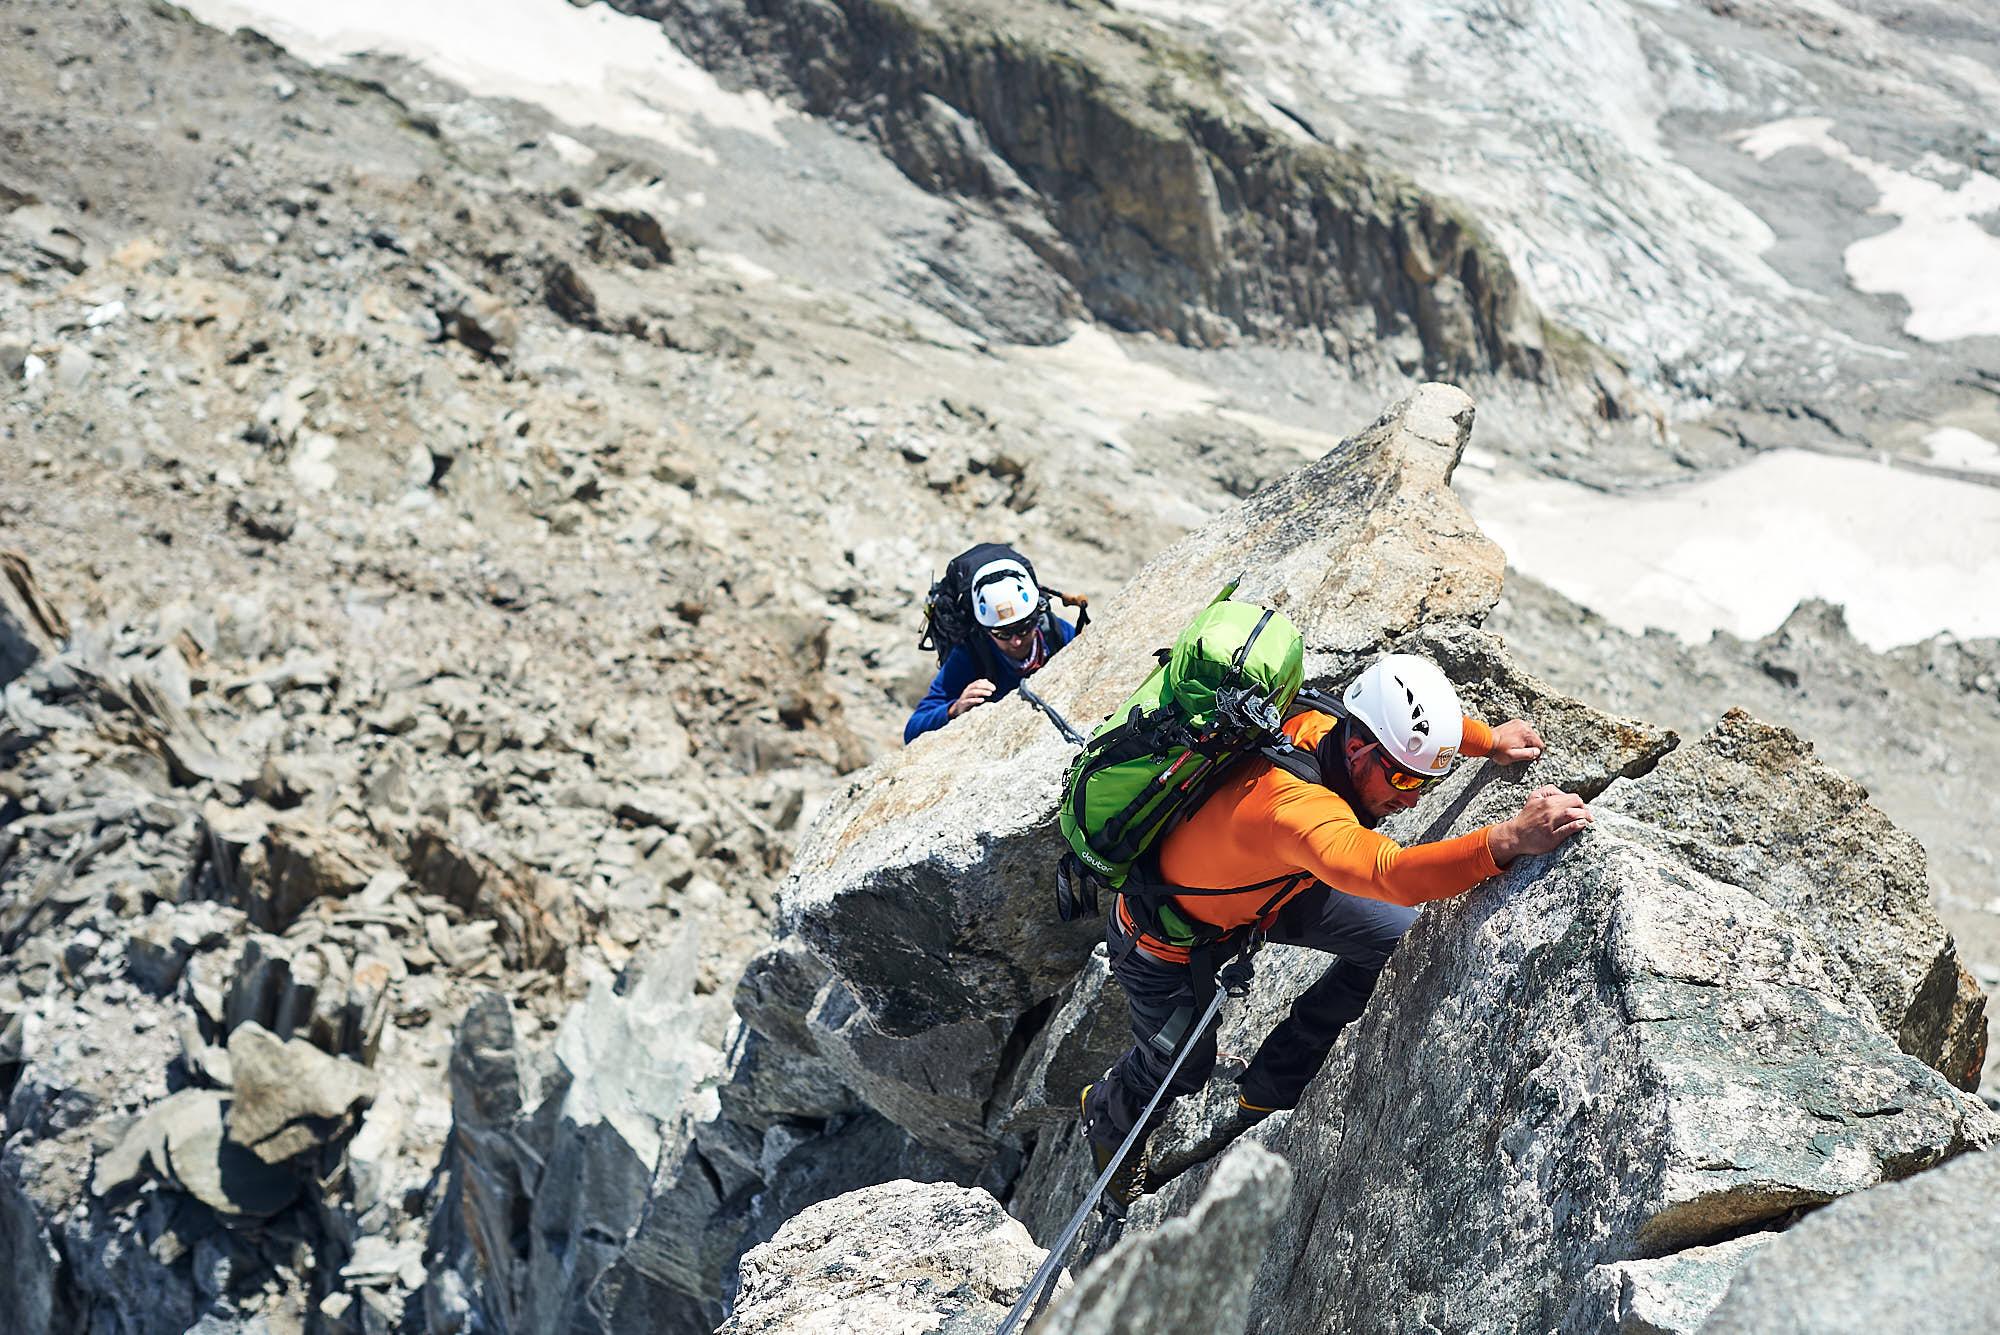 Mountaineers in the Italian Alps, rock climbing